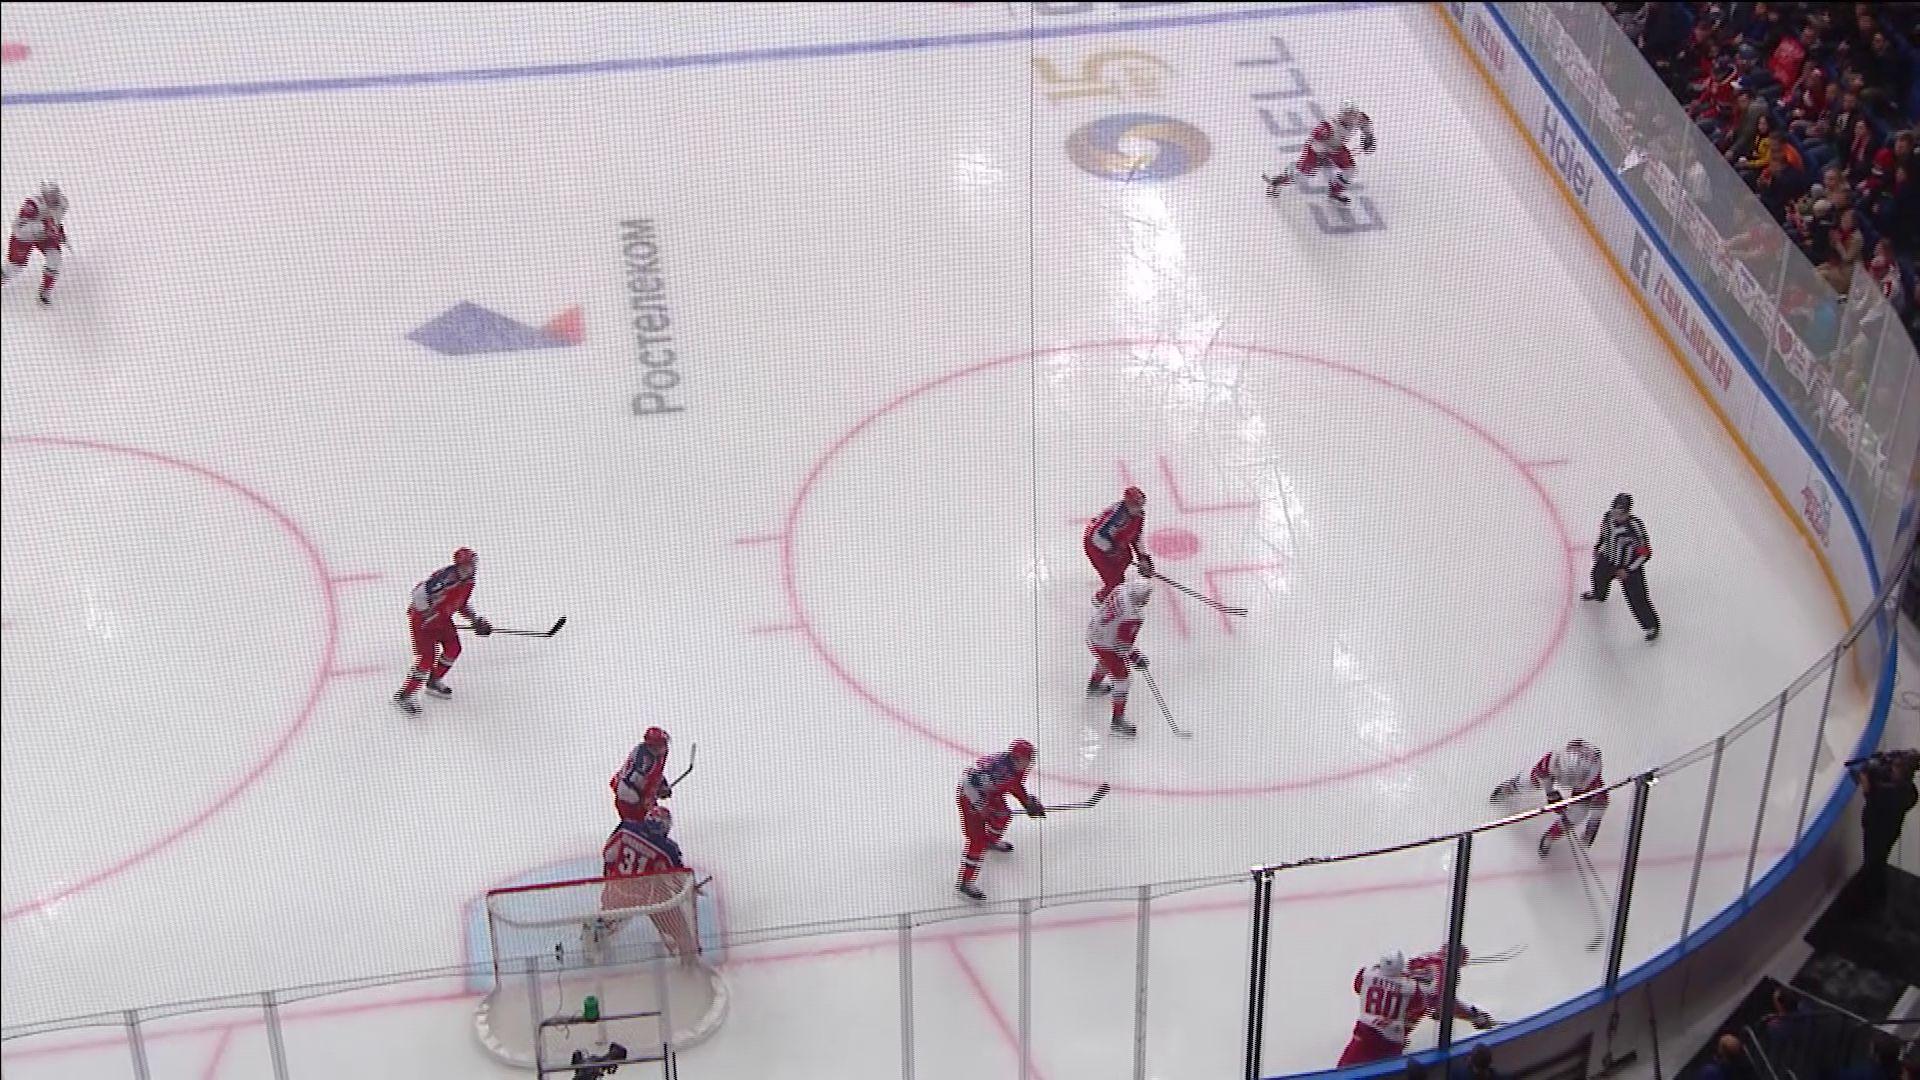 Ярославский «Локомотив» уступил ЦСКА в матче чемпионата КХЛ